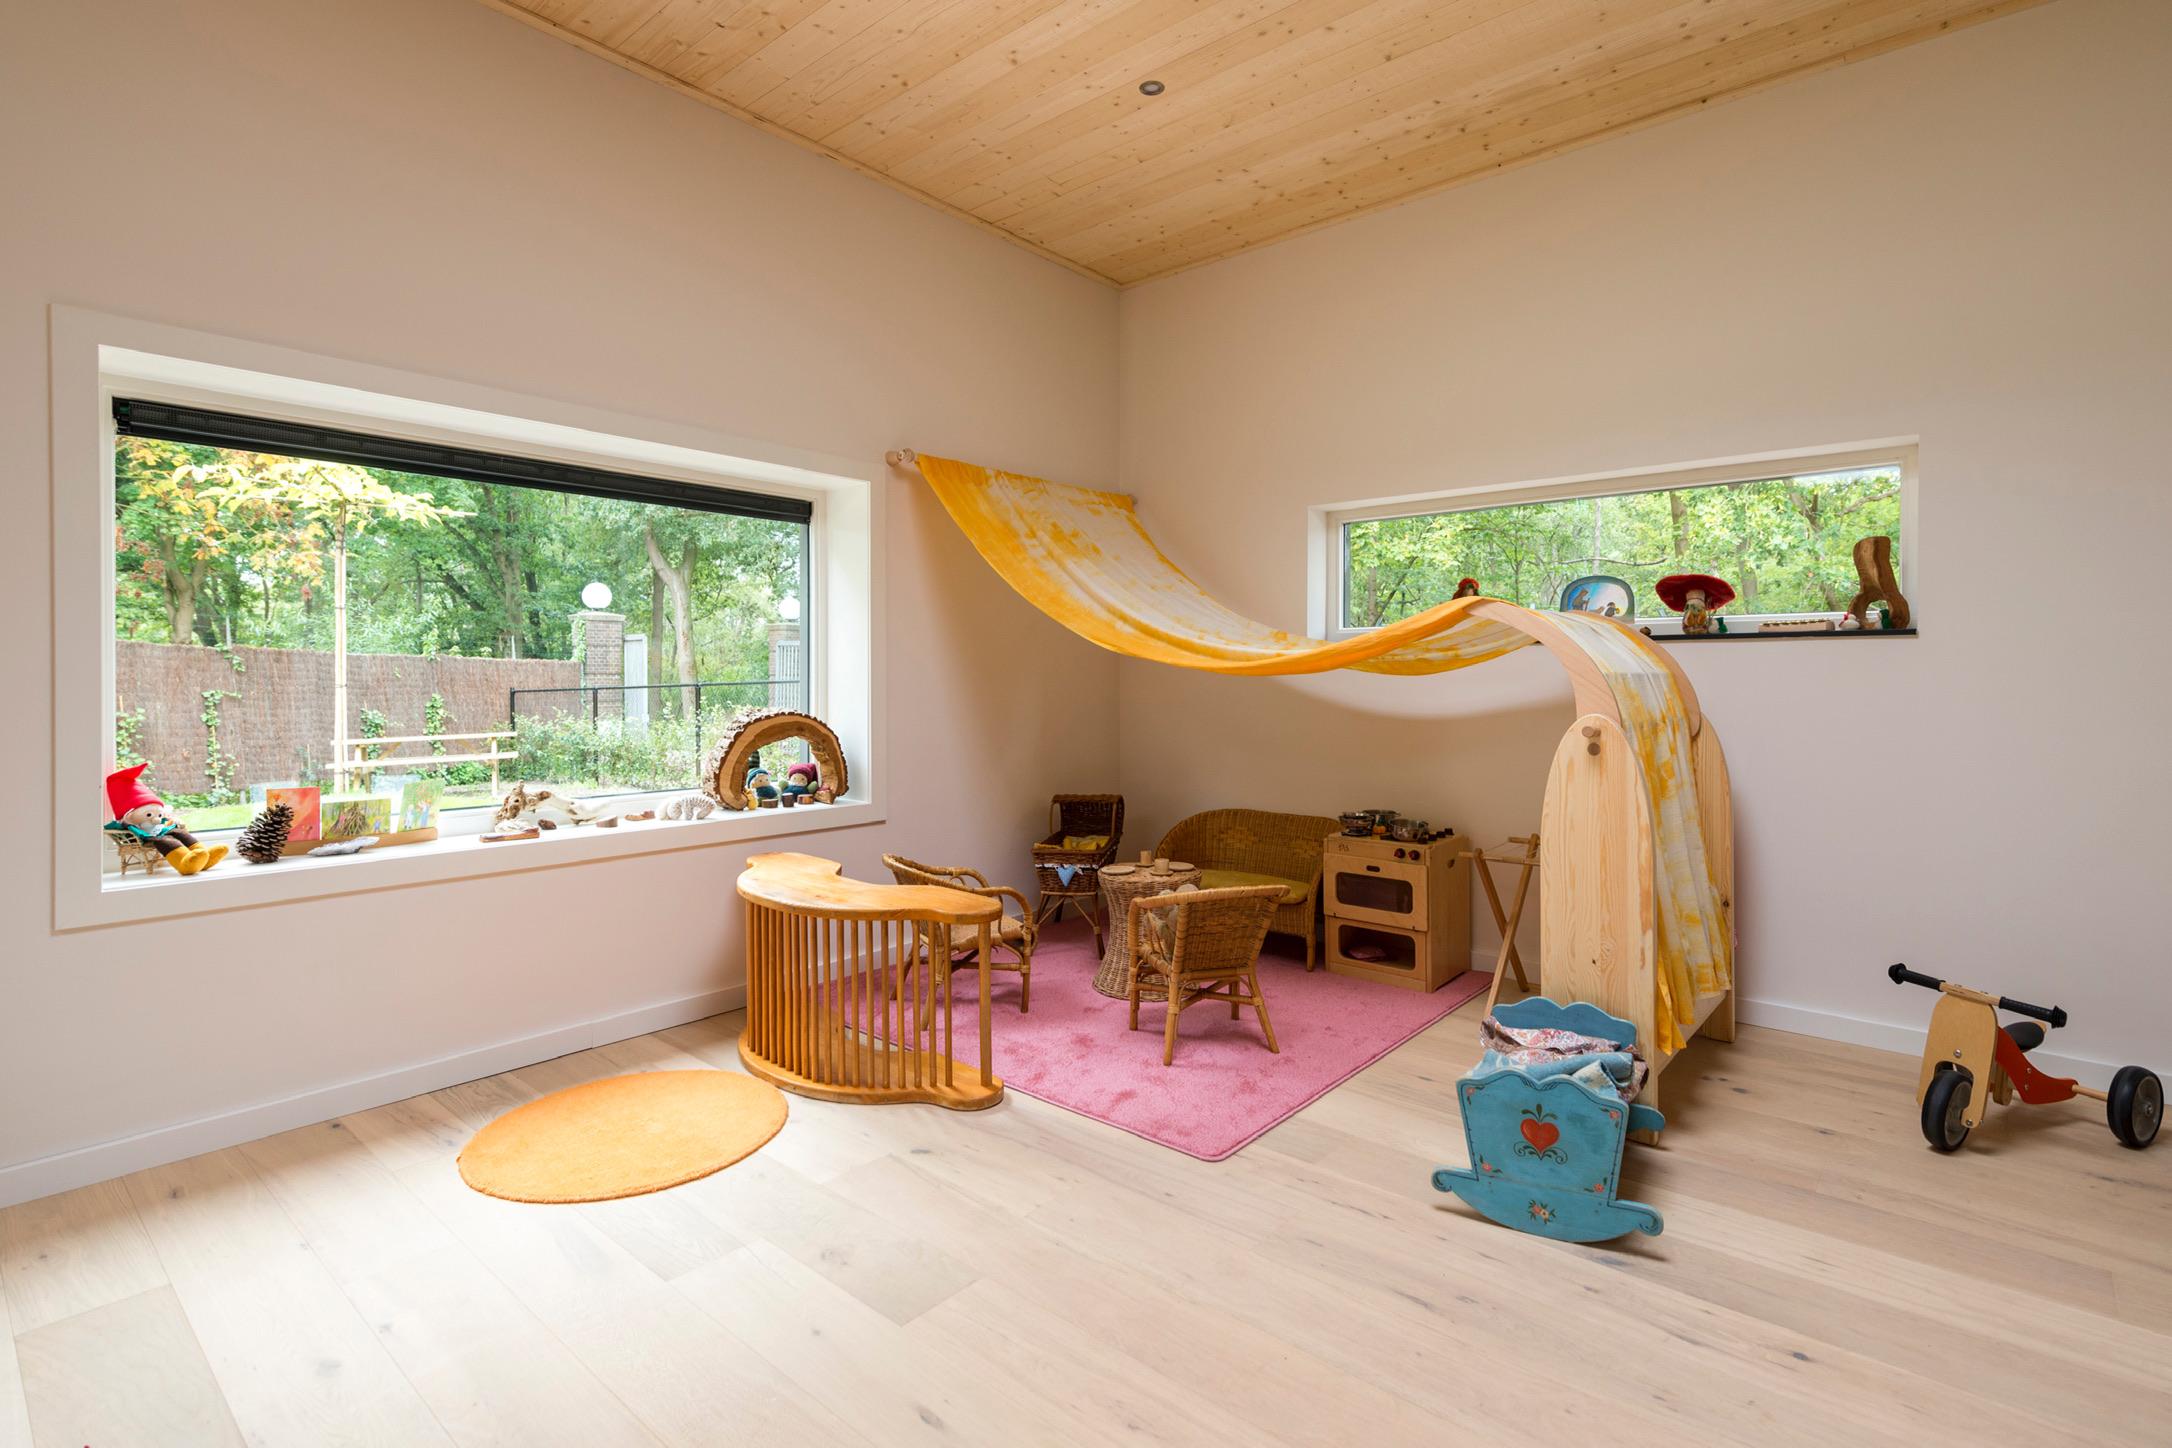 Verbouwing kinderdagverblijf